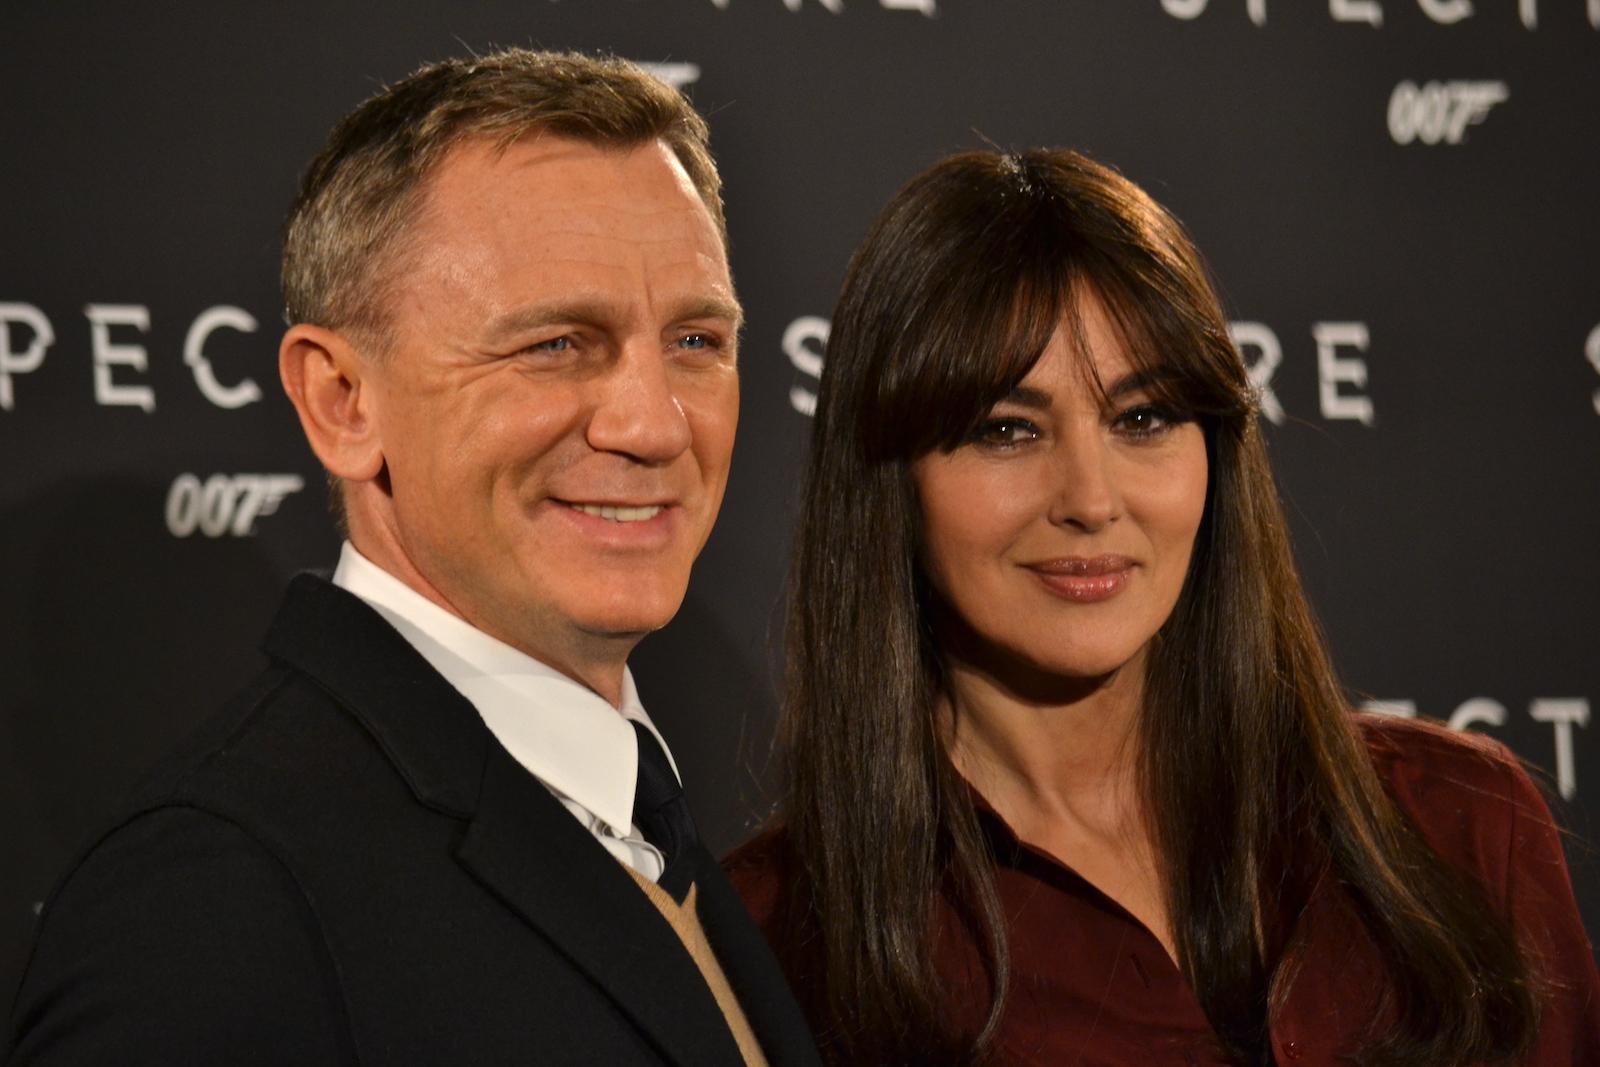 Daniel Craig e Monica Bellucci mentre sorridono ai fotografi al photocall di Spectre